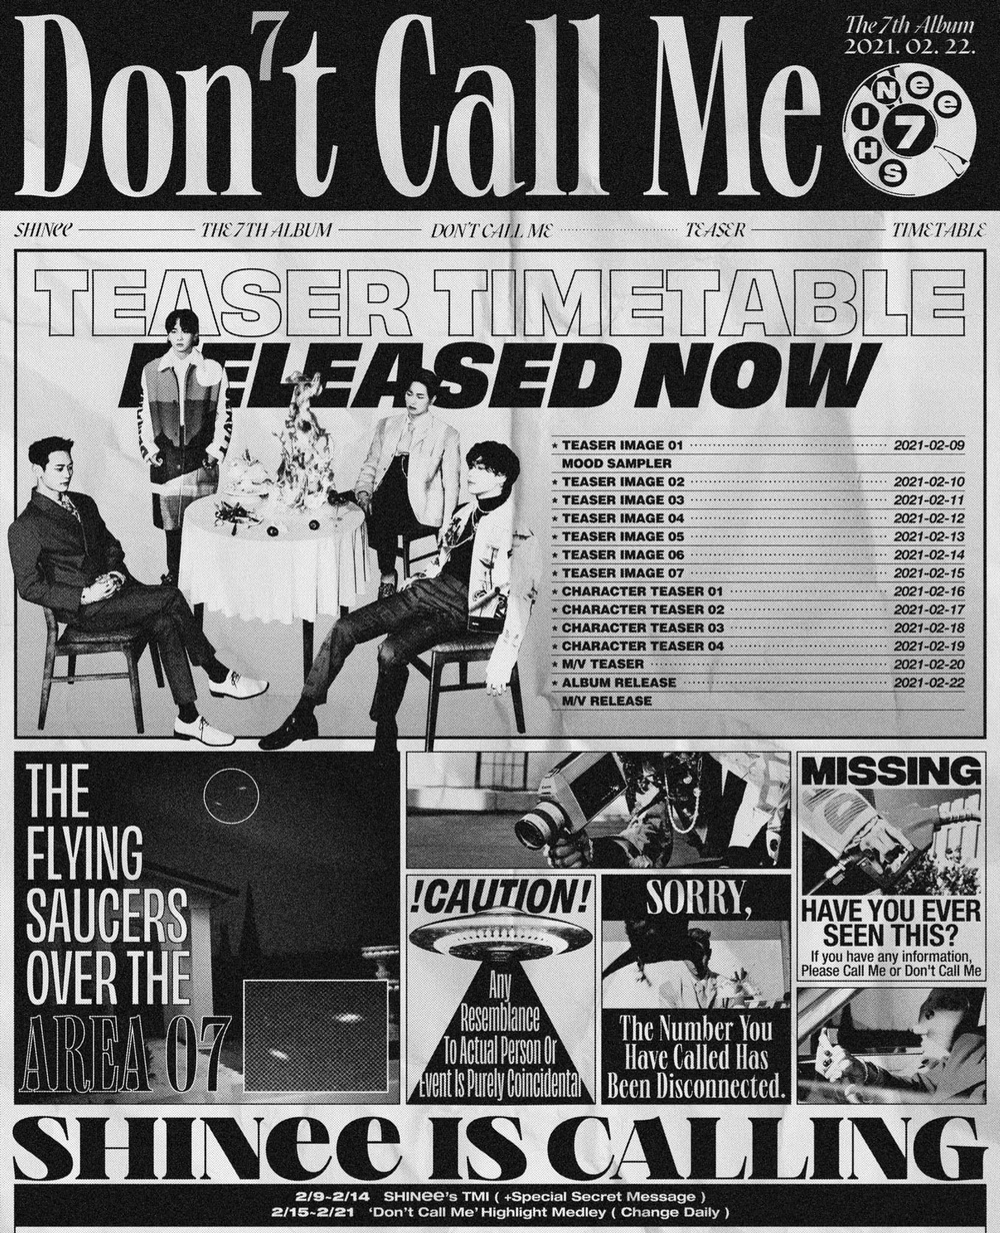 'SHINee IS BACK!' sau 2 năm 6 tháng: 'Don't Call Me' - Thoát mác những rập khuôn trong âm nhạc Ảnh 7